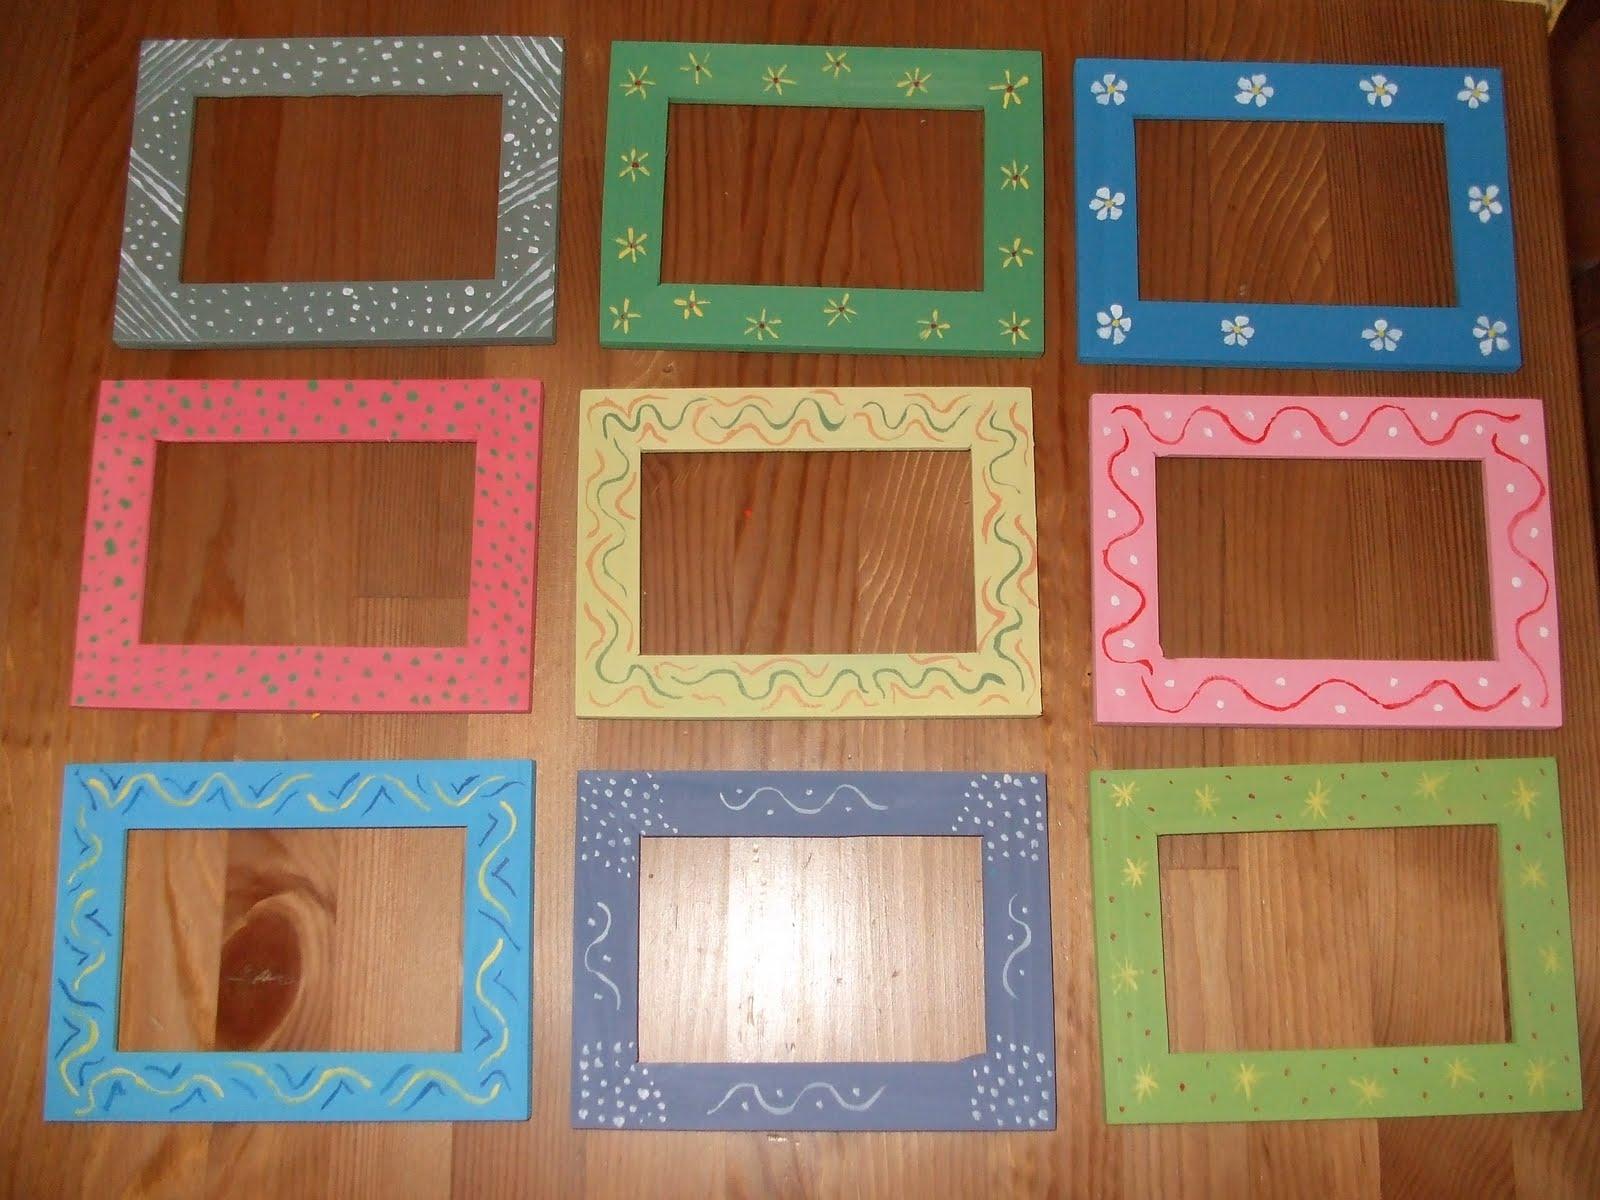 Qu familia marcos decorados - Marcos decorados ...